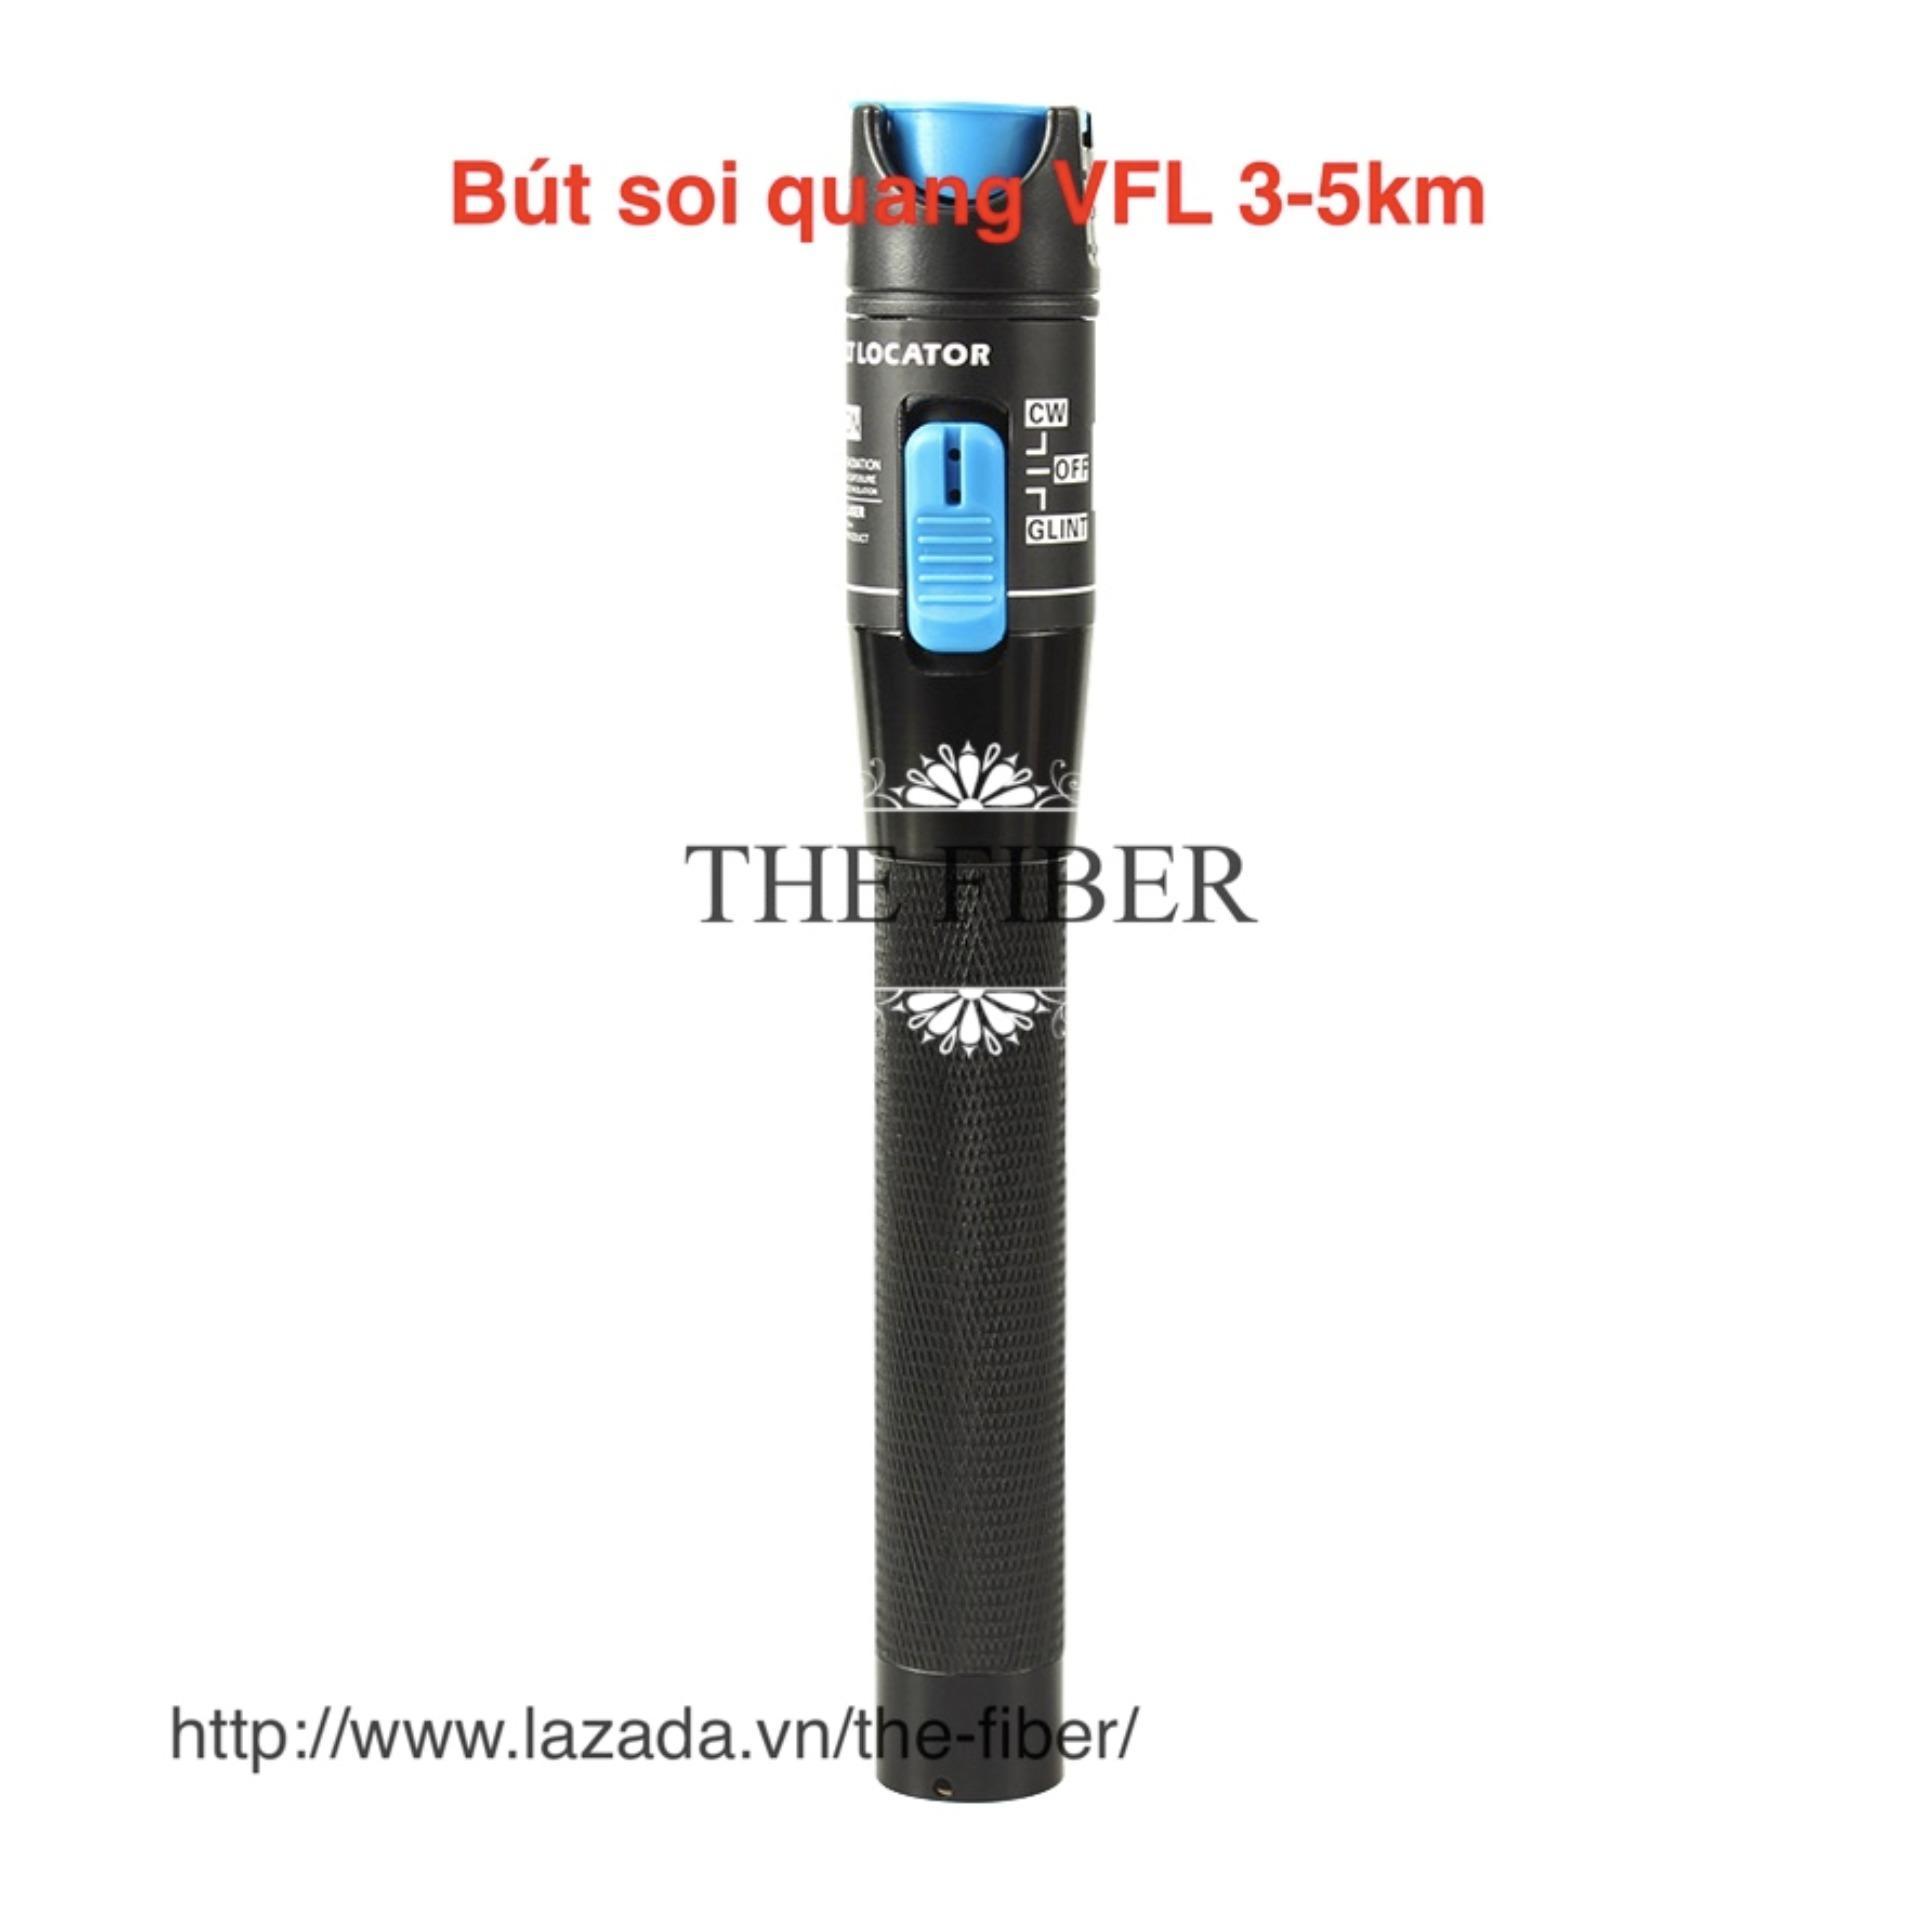 Bút dò lỗi sợi quang VFL 3-5km (1mW) (Đen)